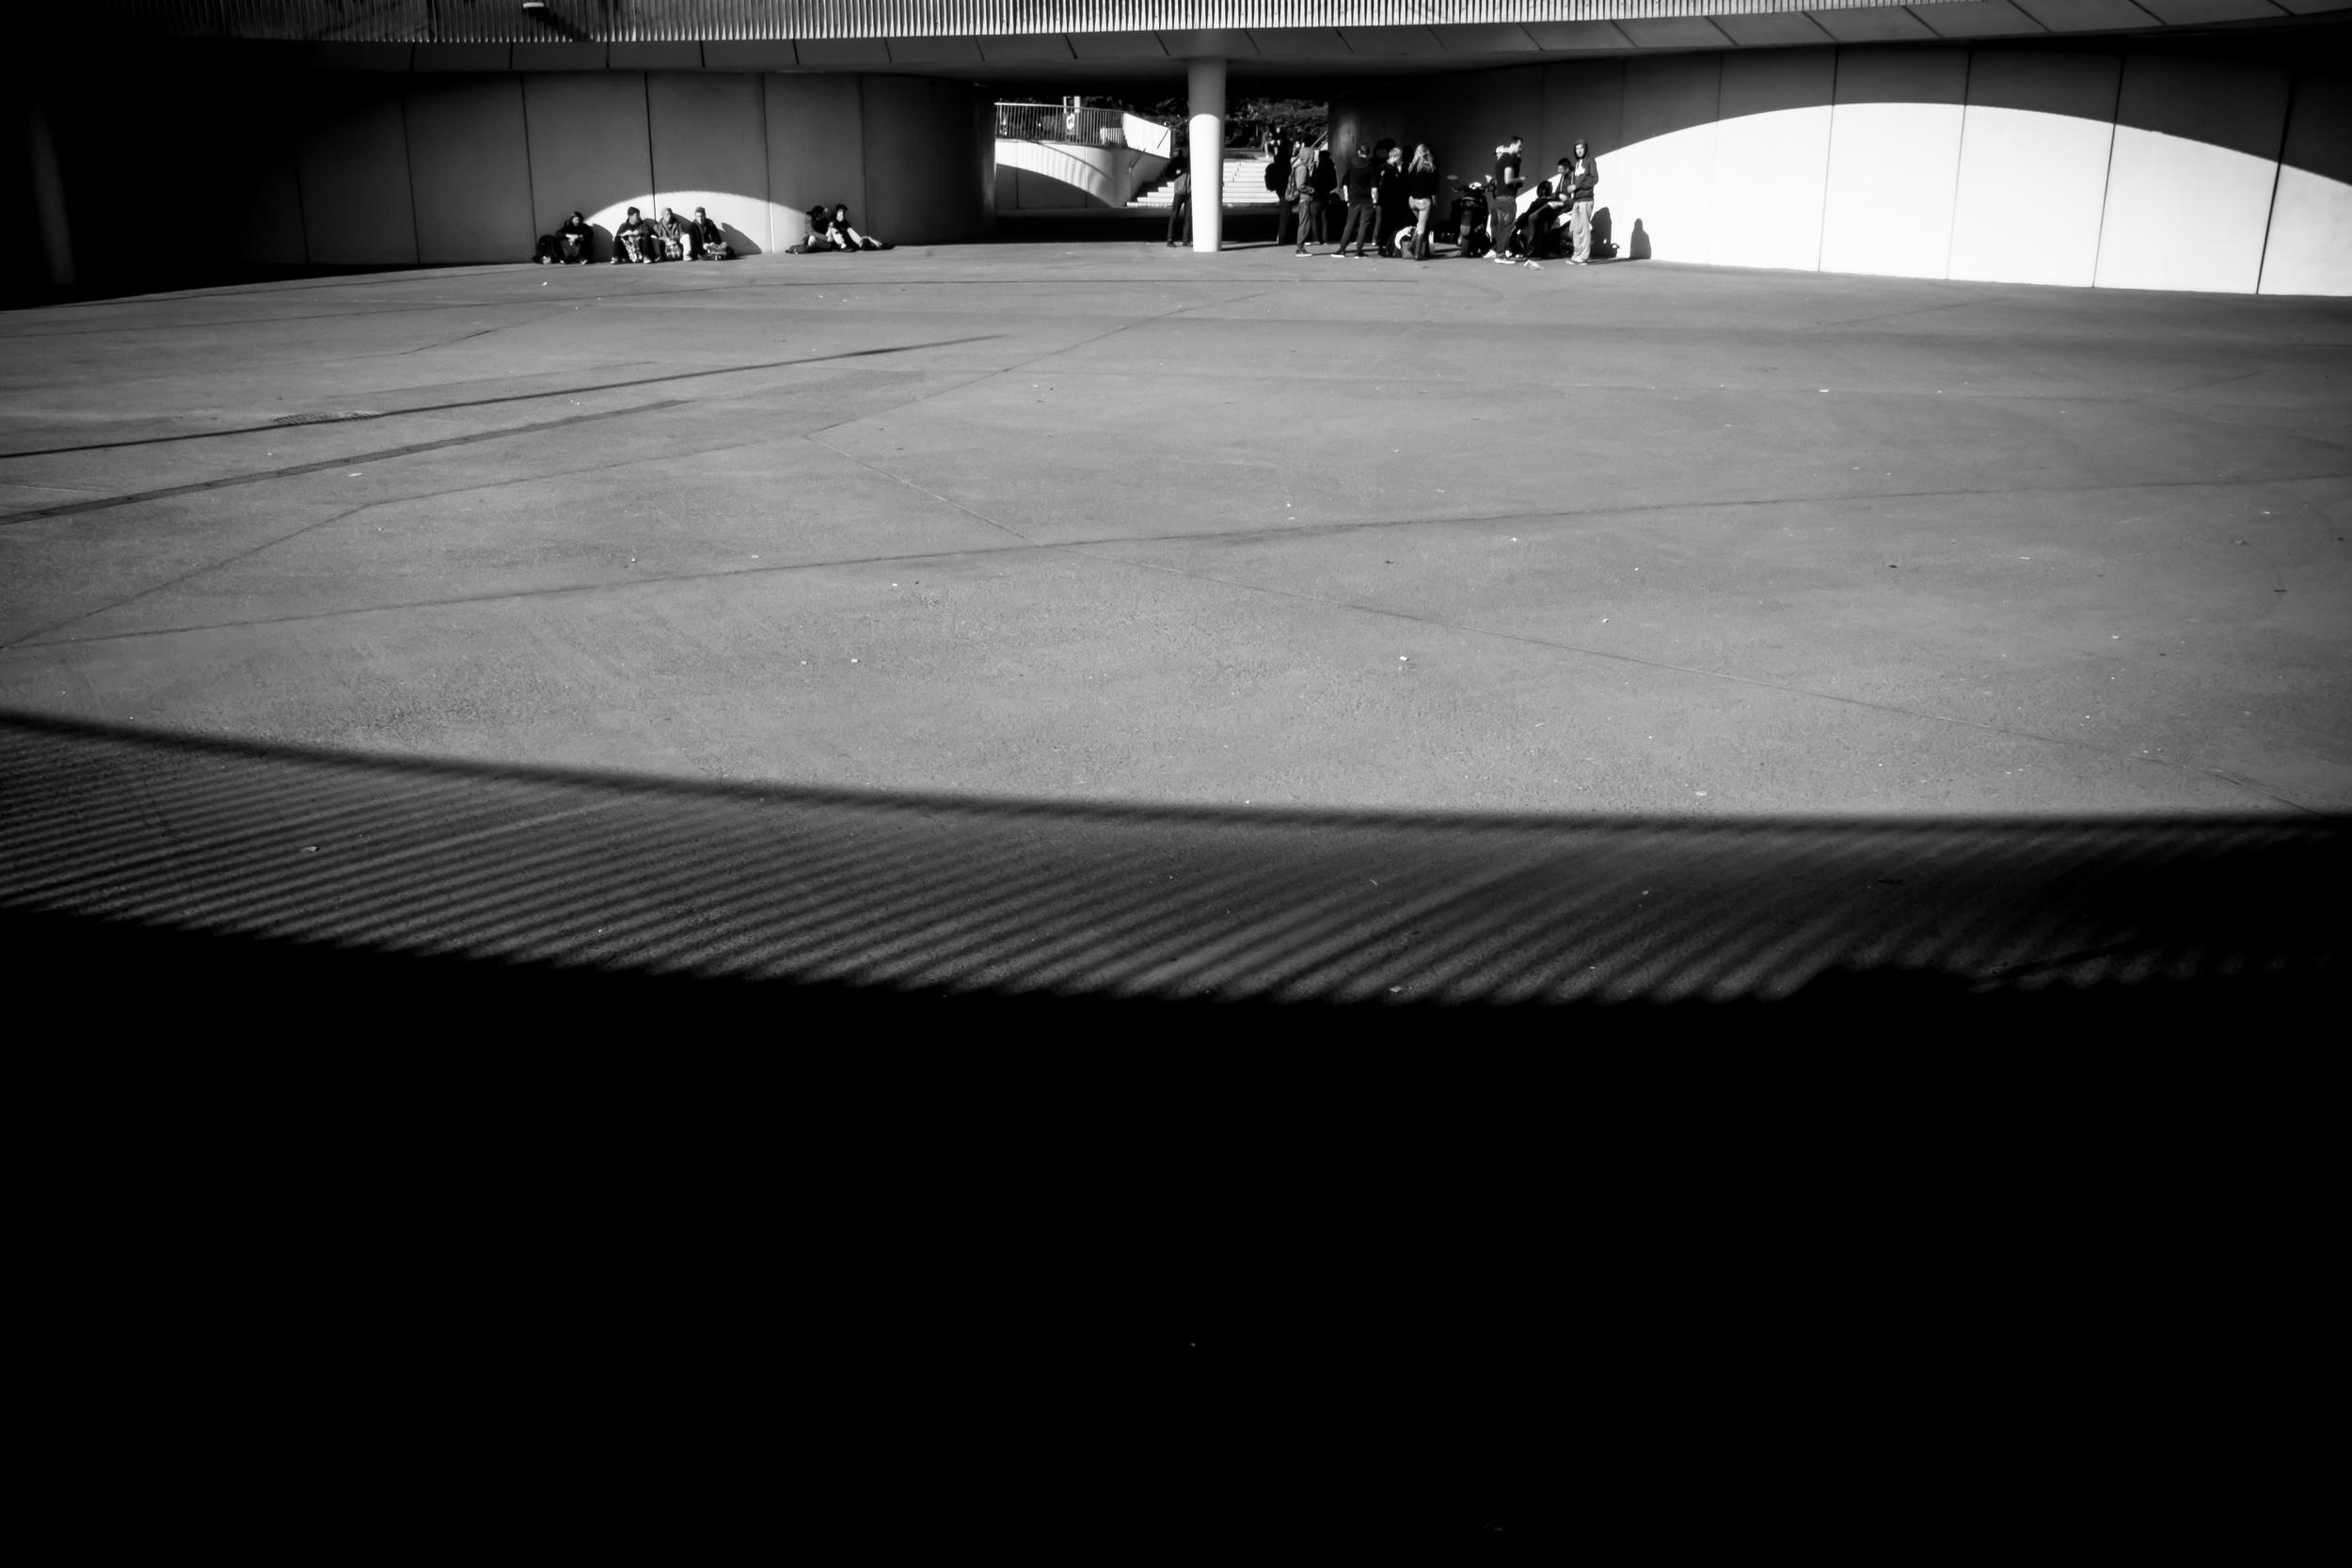 Straatfotografie - Jongeren op het stationsplein van Brugge.